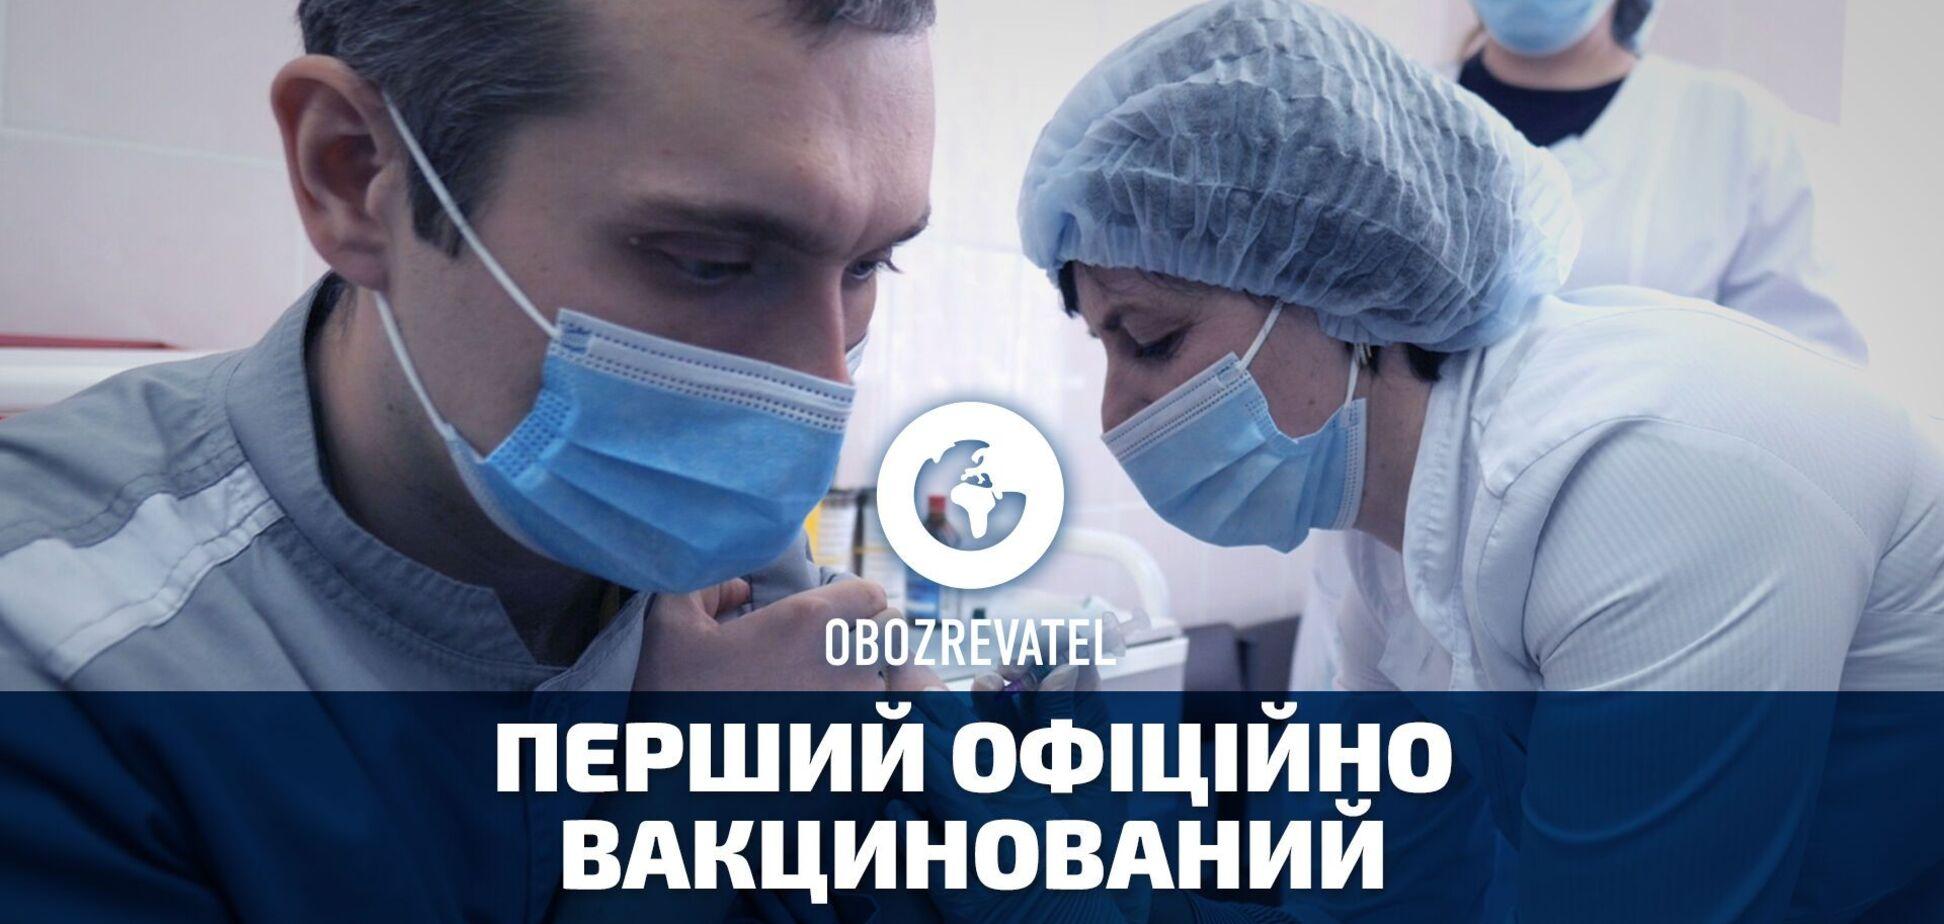 В Украине началась вакцинация: первым прививку получил черкасский врач